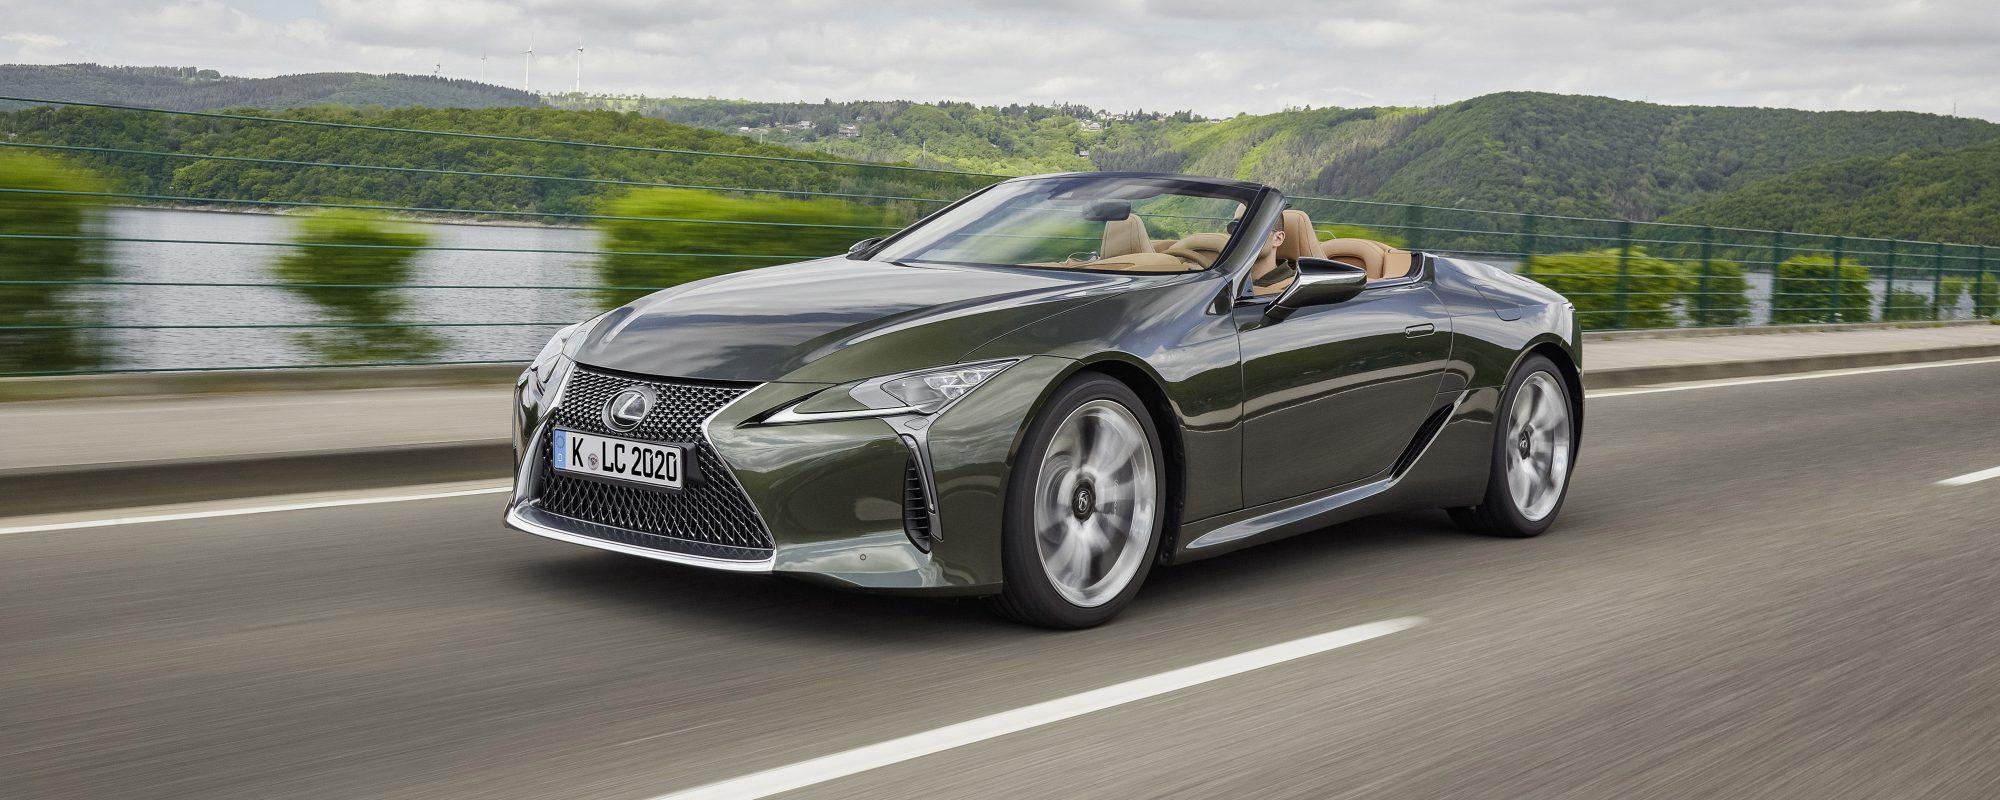 Nieuwe Lexus LC 500 Convertible: compromisloos open rijplezier